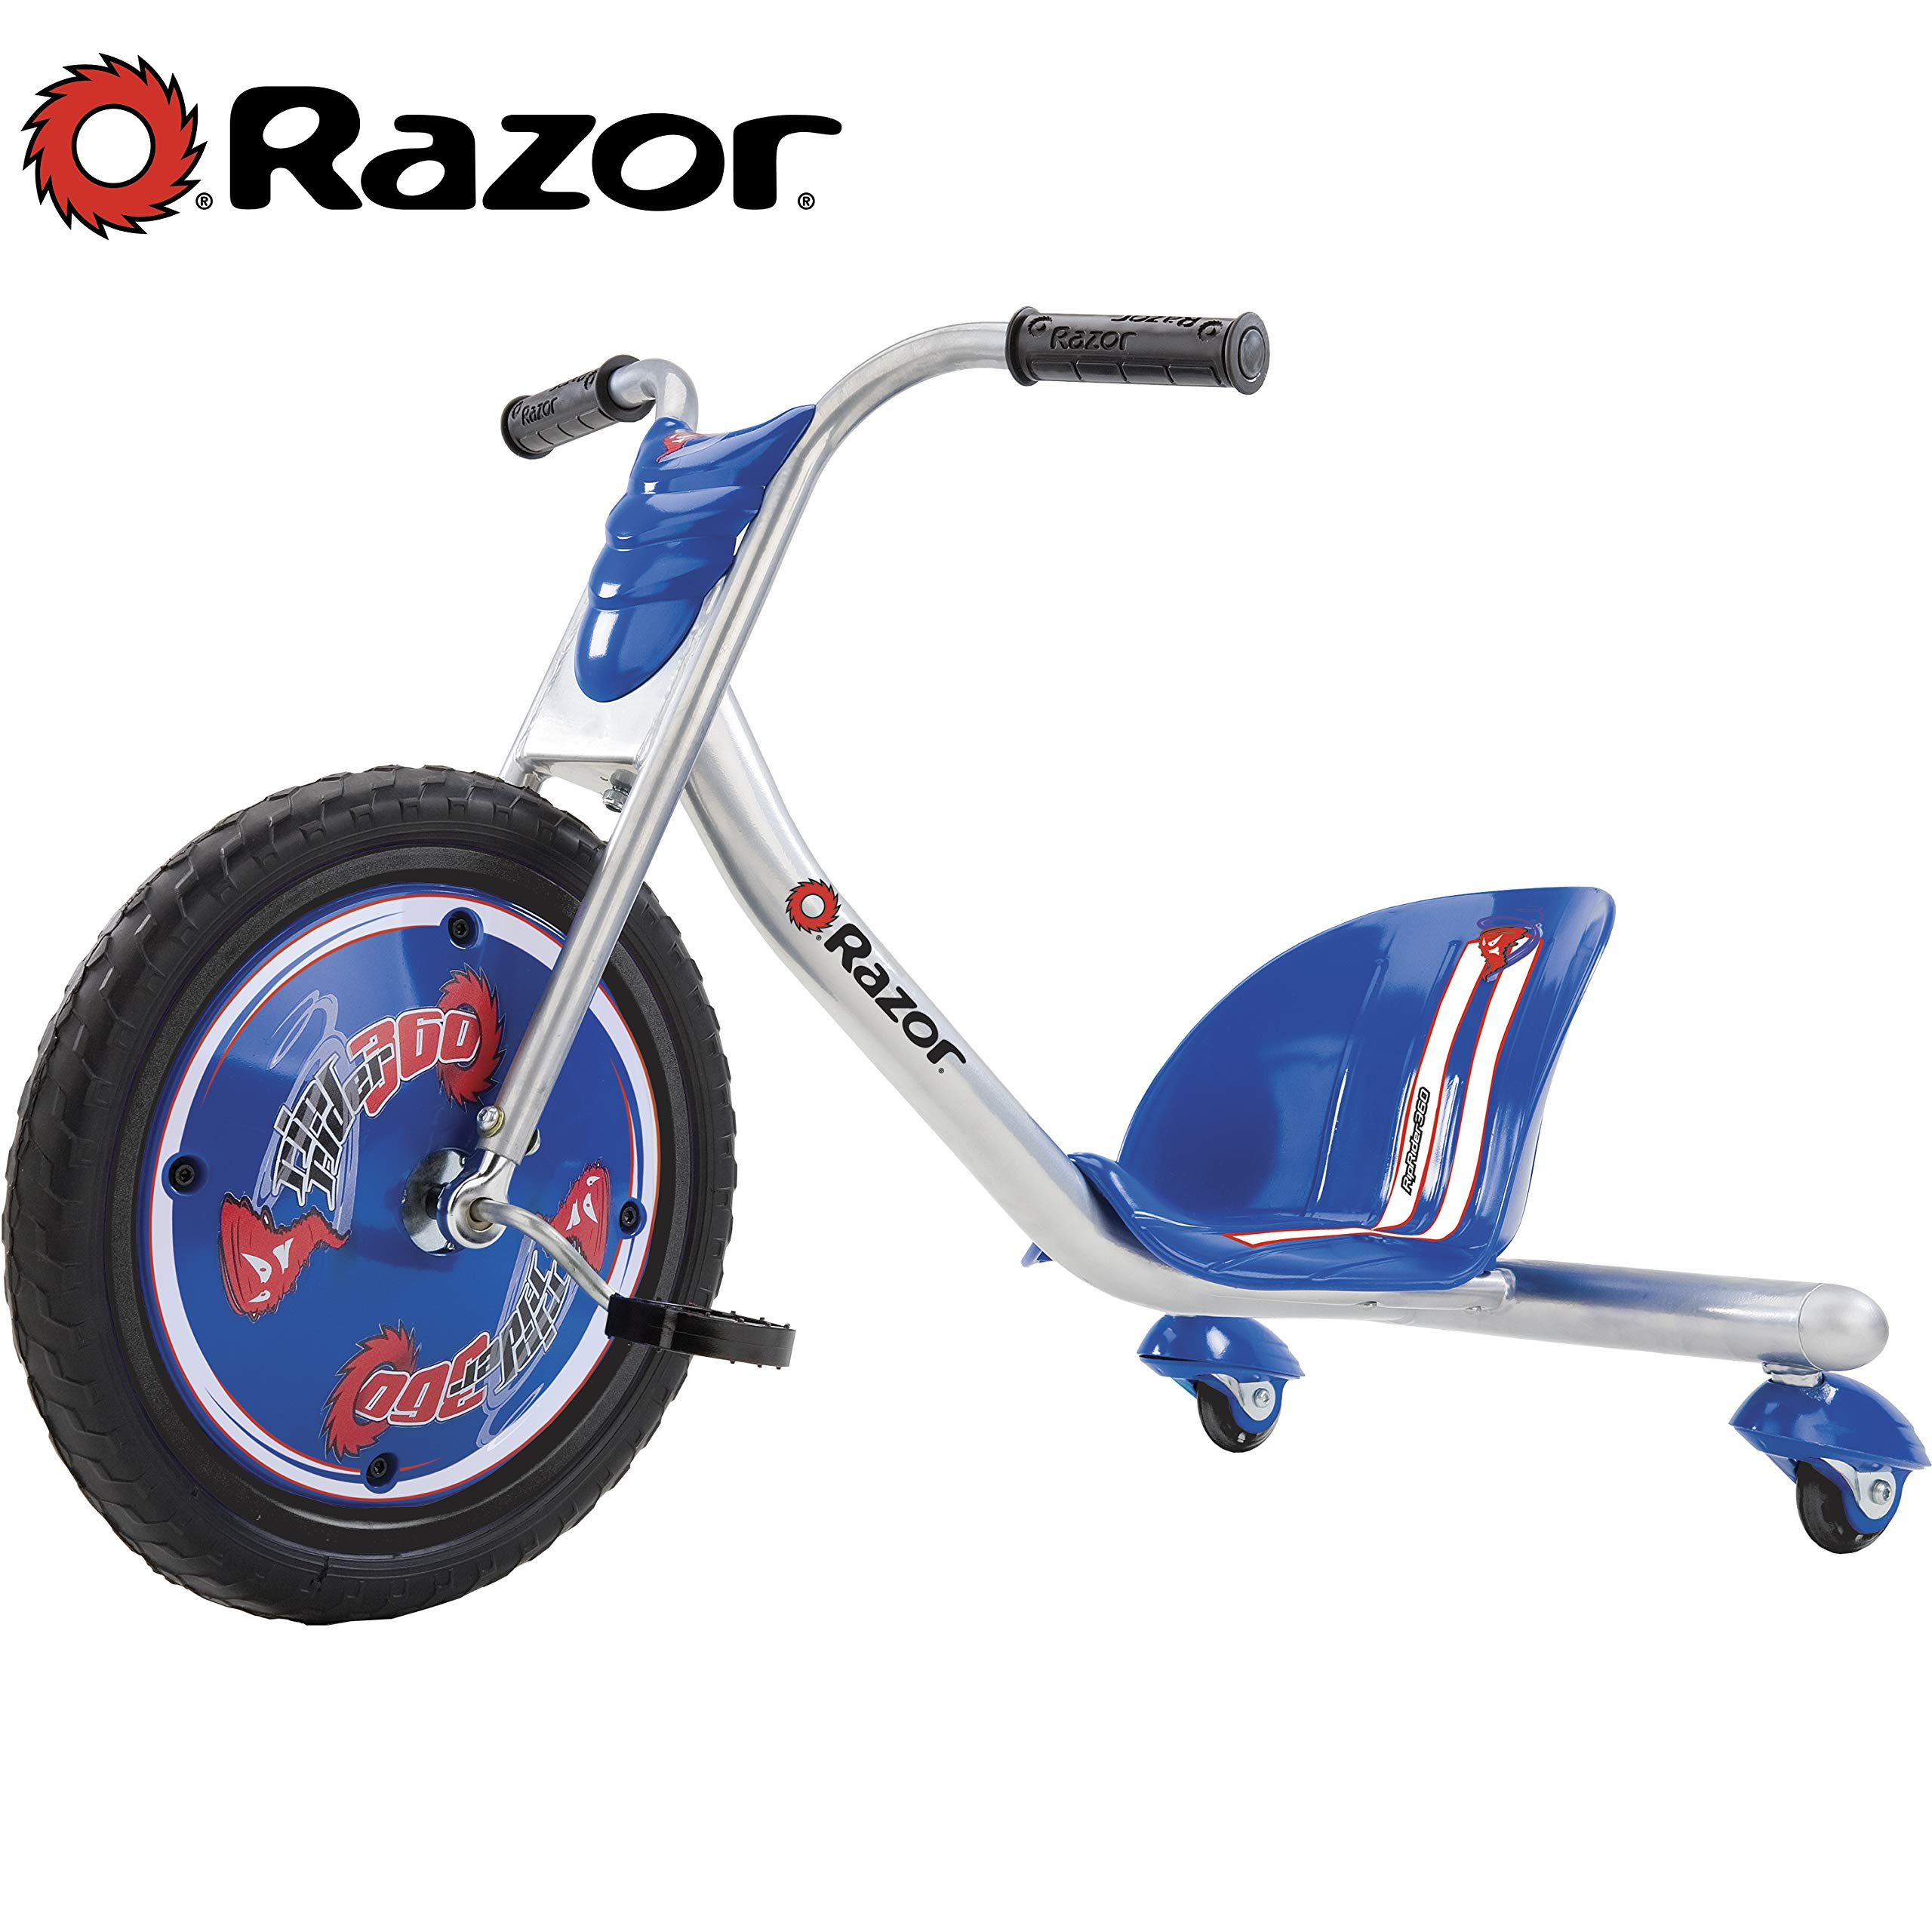 Razor RipRider 360 Caster Trike, Blue - 20036542 by Razor